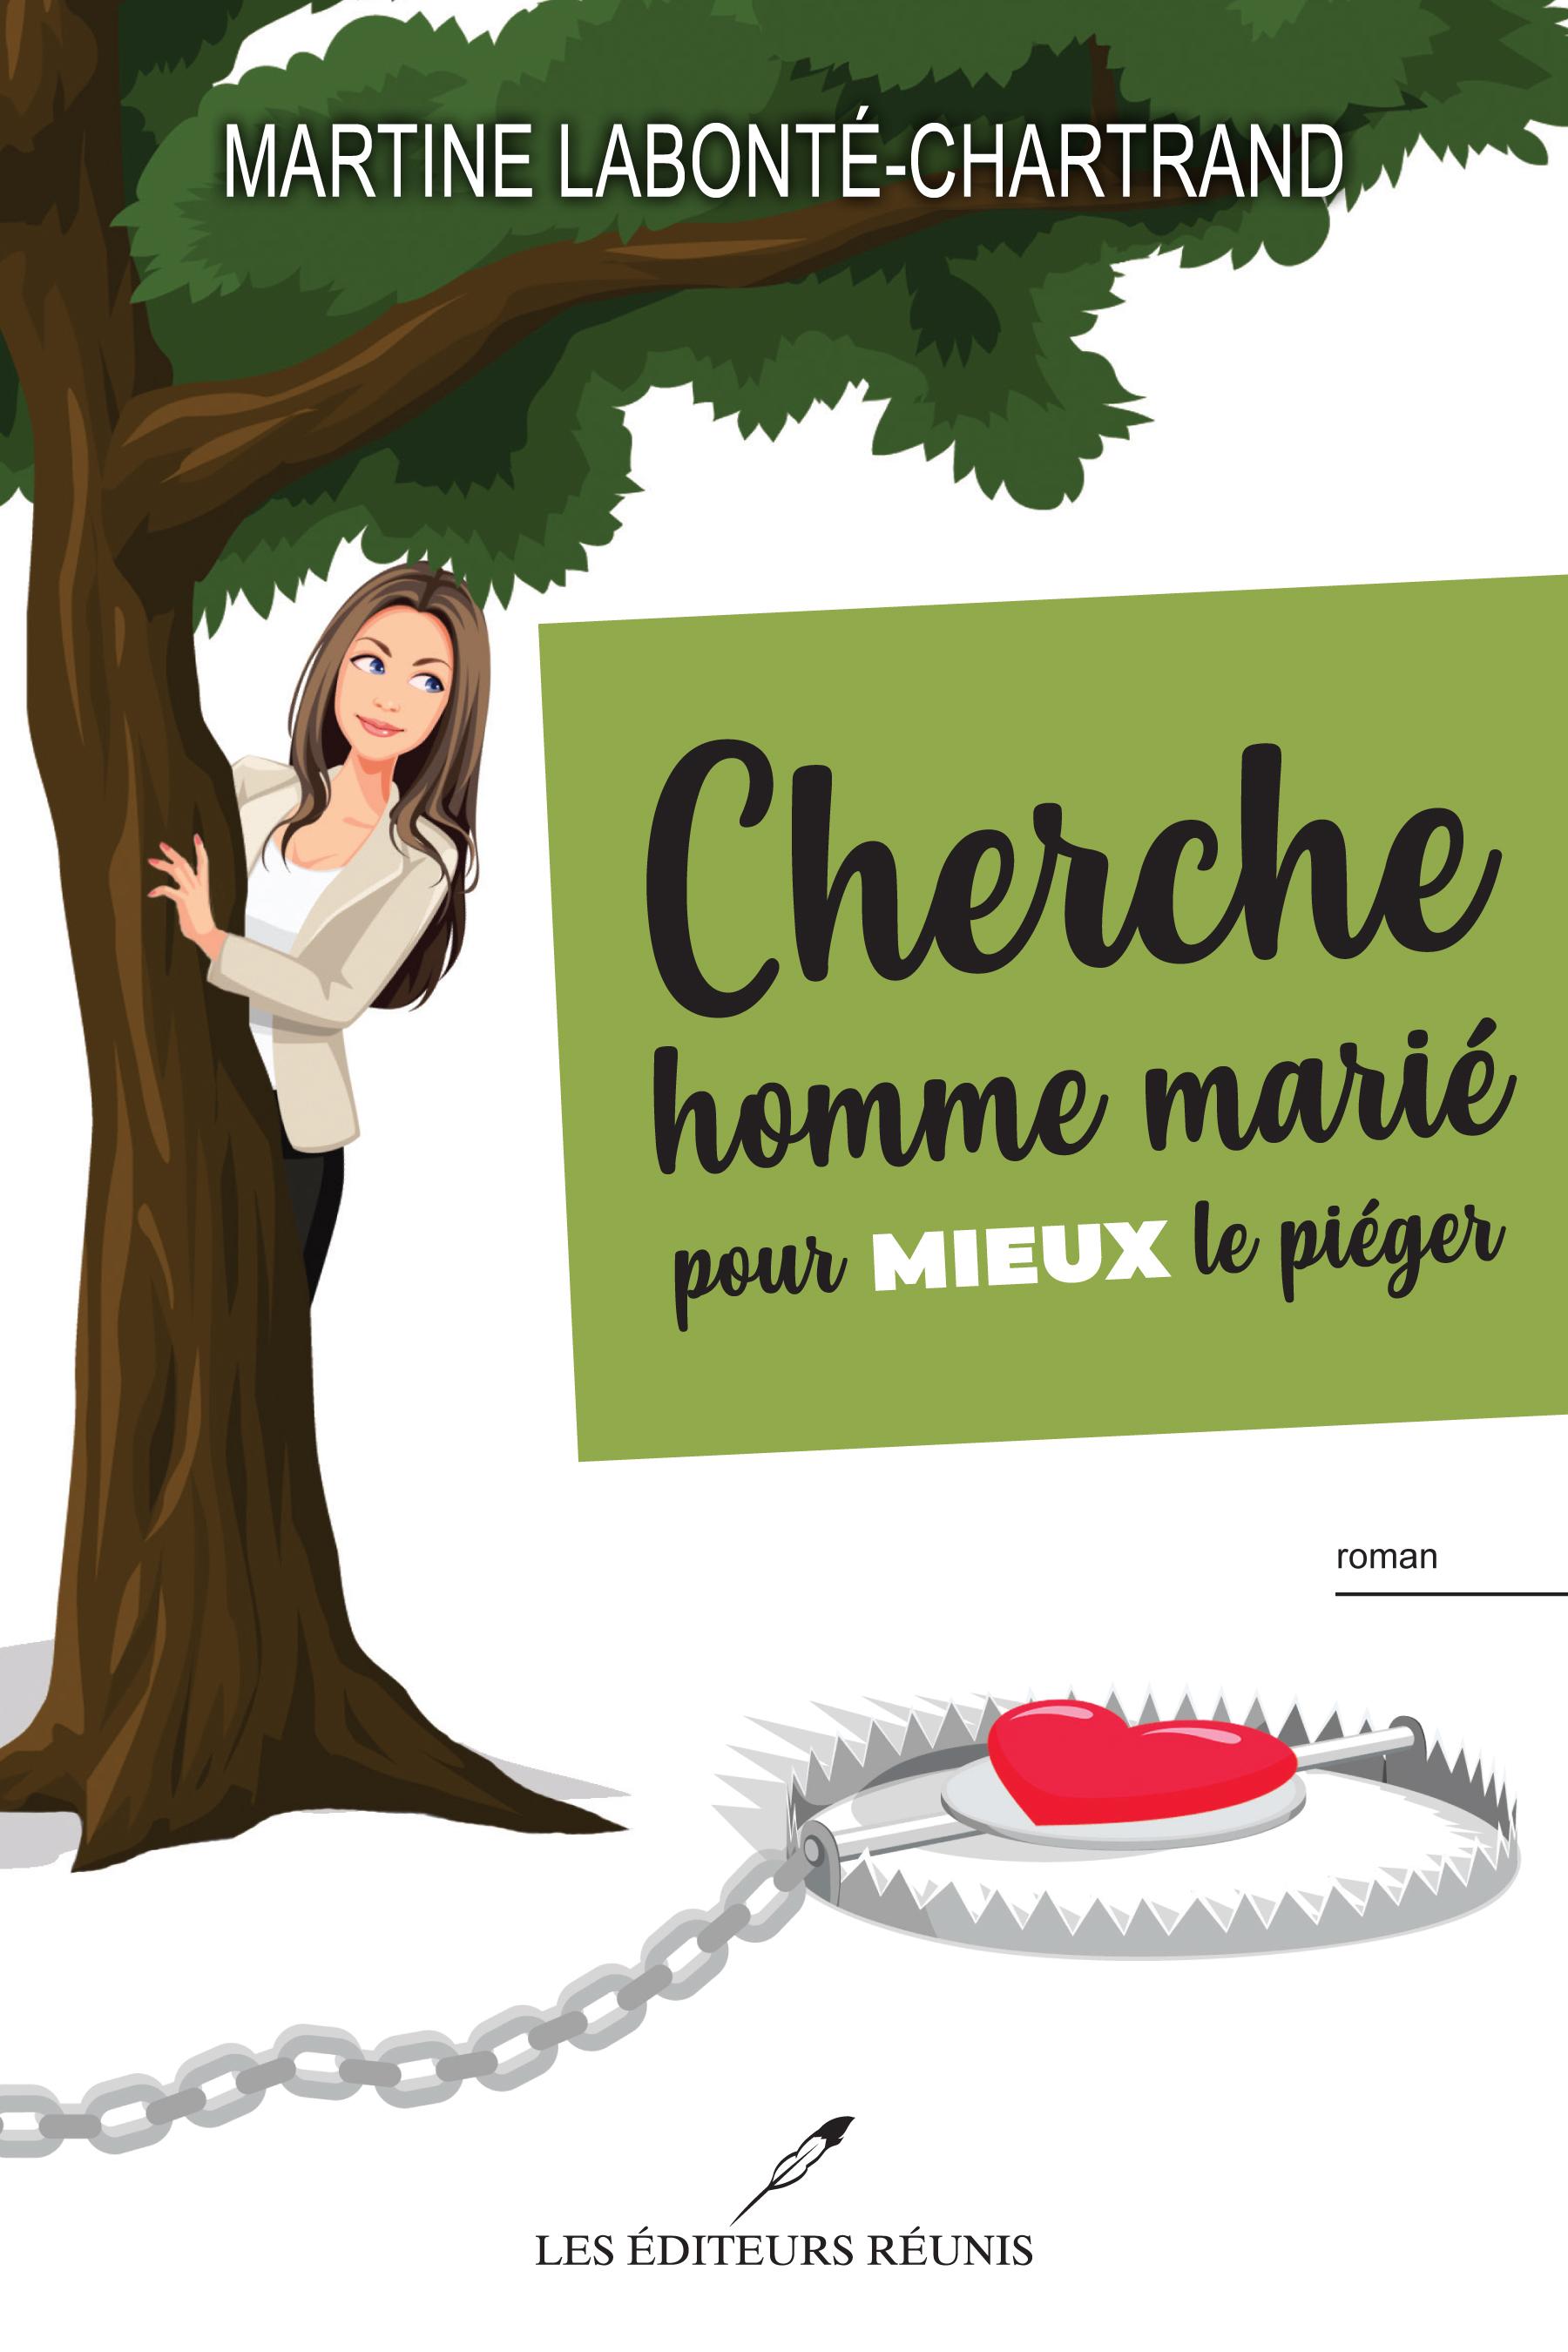 Cherche homme marié pour mieux le piéger by Martine Labonté-Chartrand